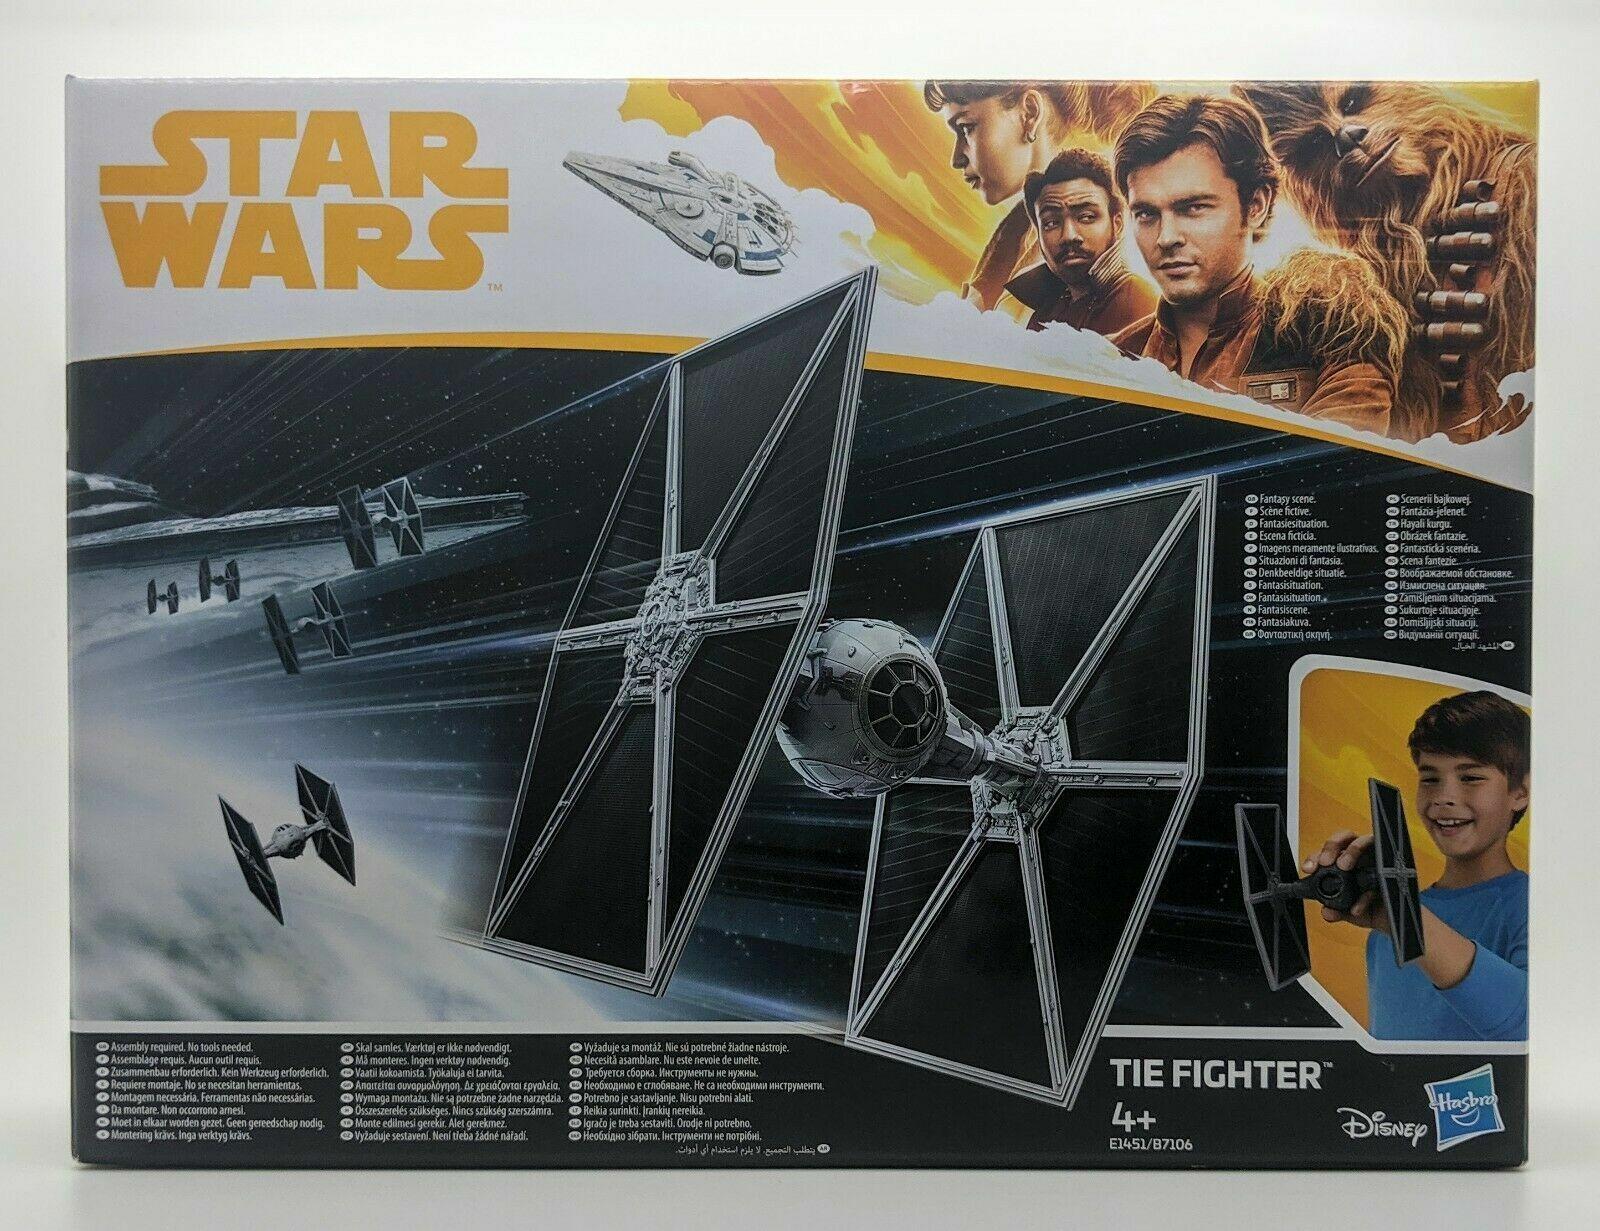 A Han Solo Film Hasbro Star Wars Tie Fighter 16cm Toy Disney